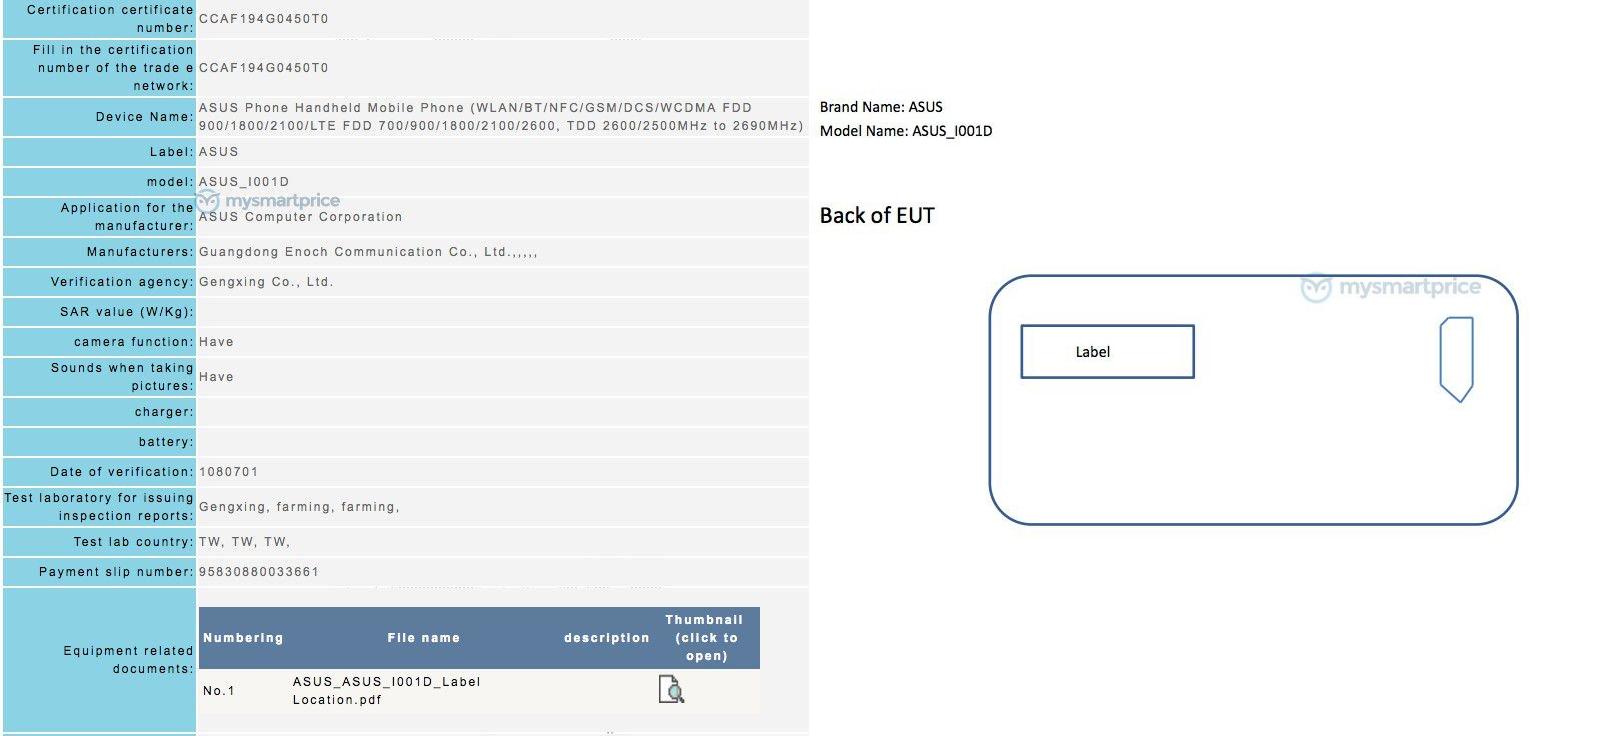 asus_i001d-ncc-certif-png.7331